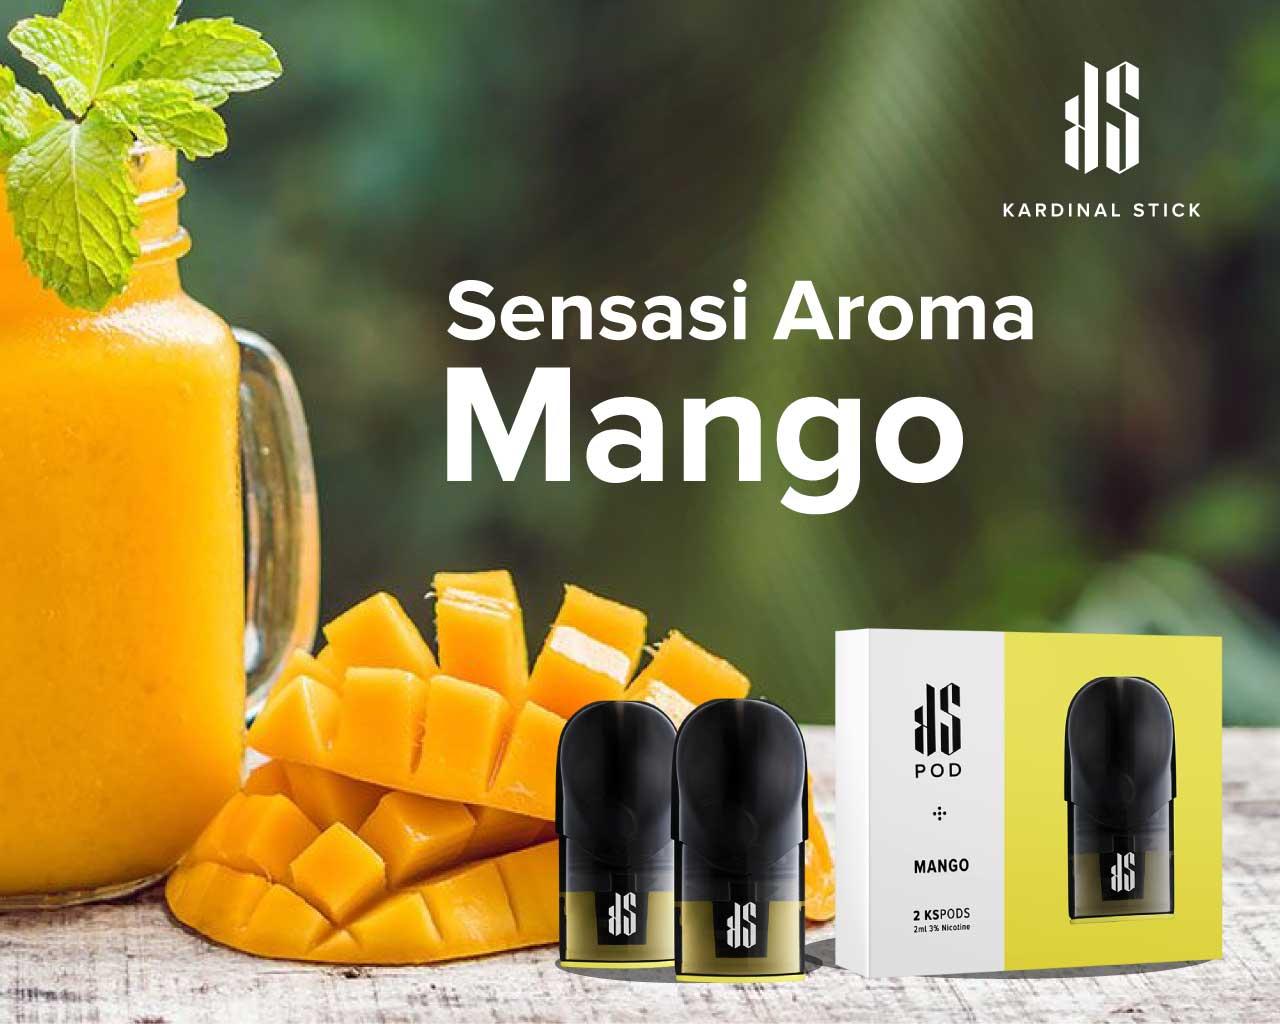 Sensasi Aroma Mango